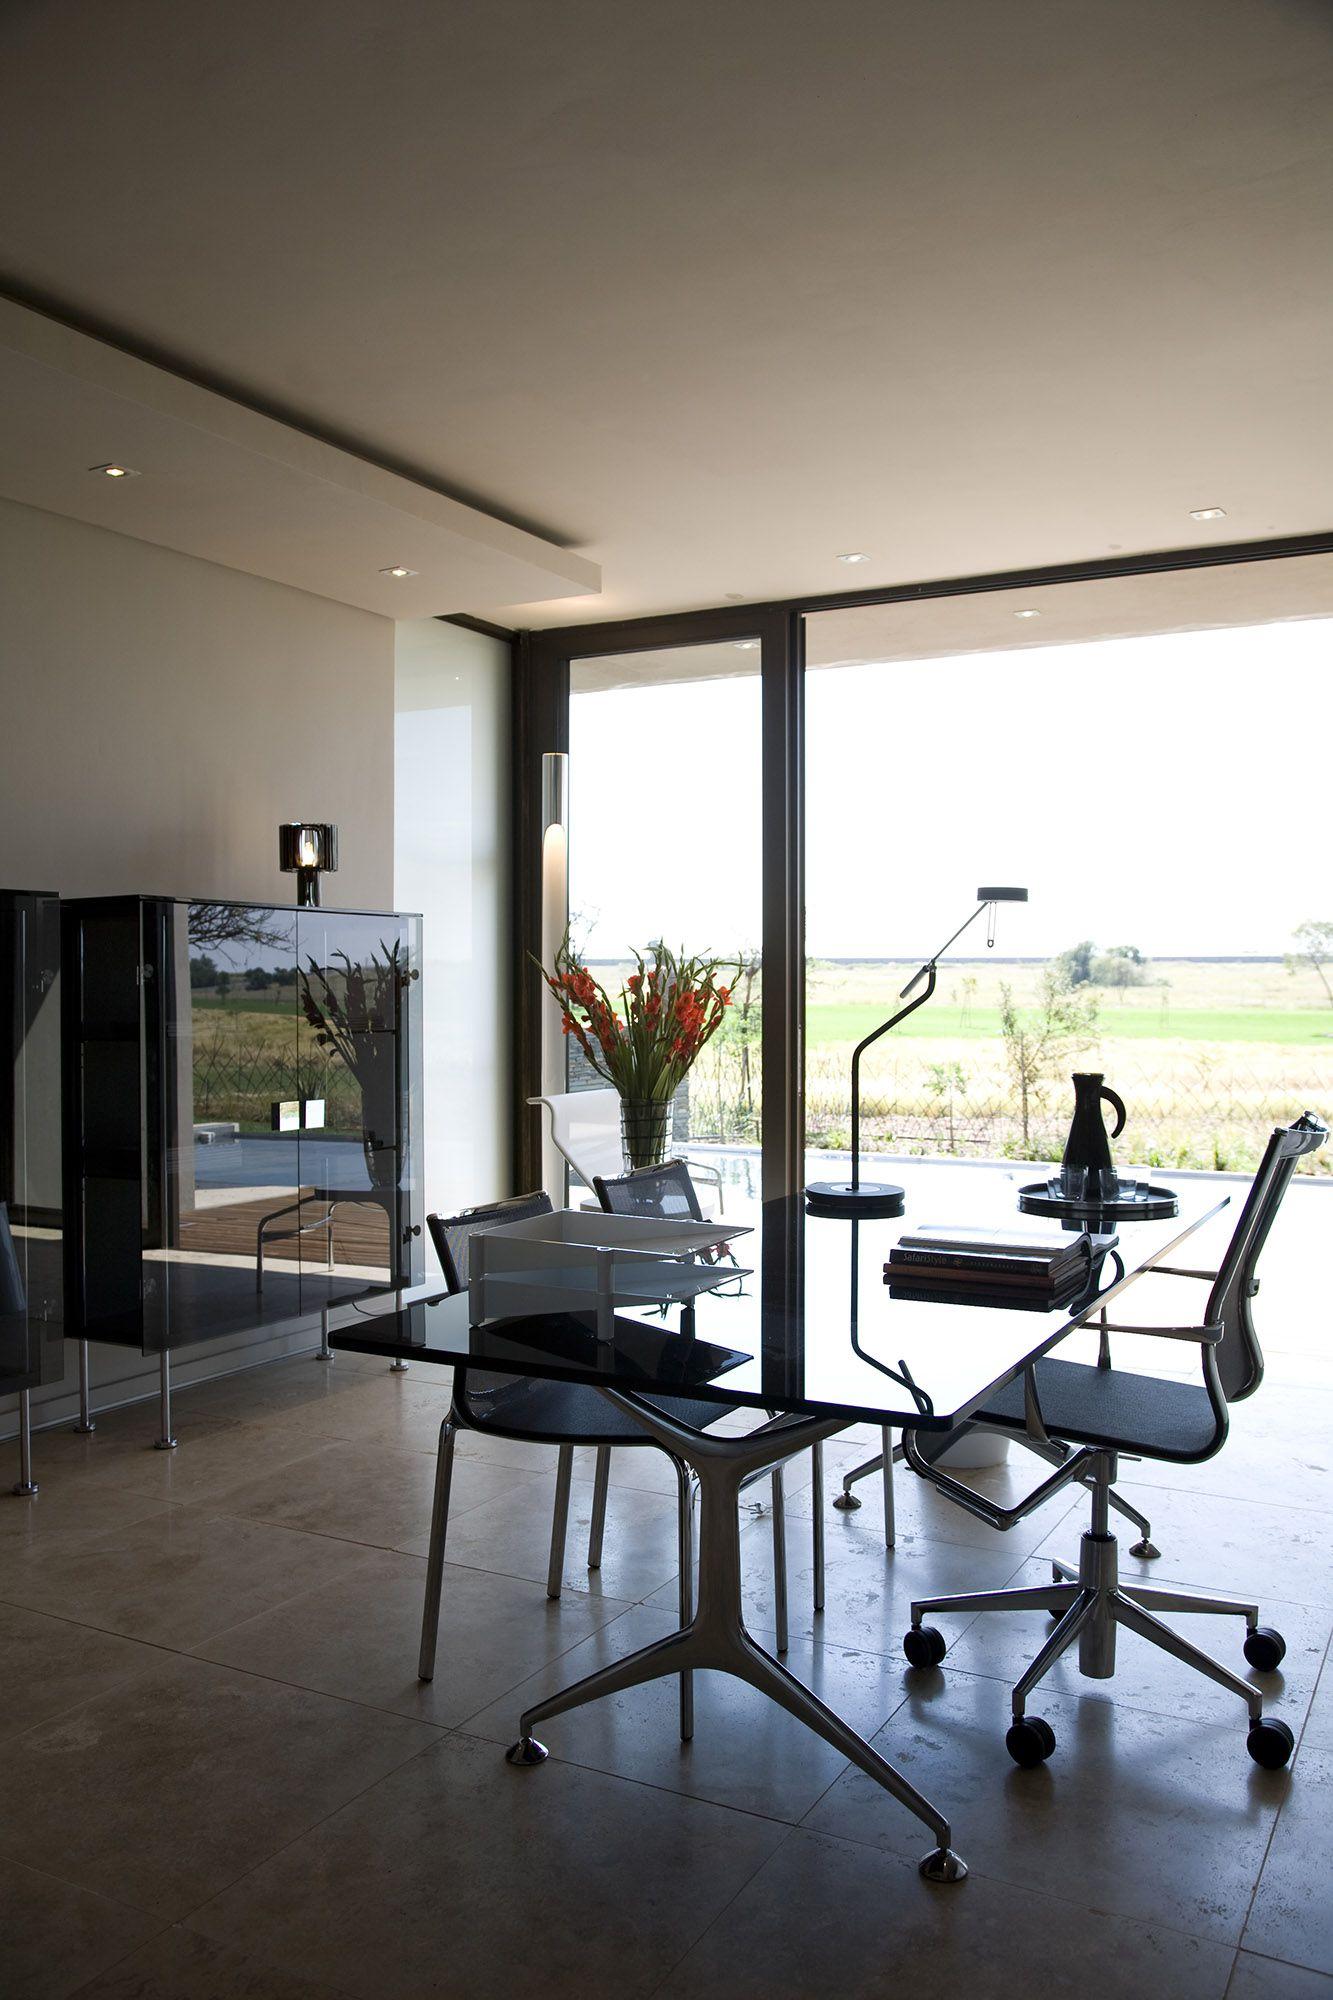 Serengeti Designed by Rudolph van der Meulen 228